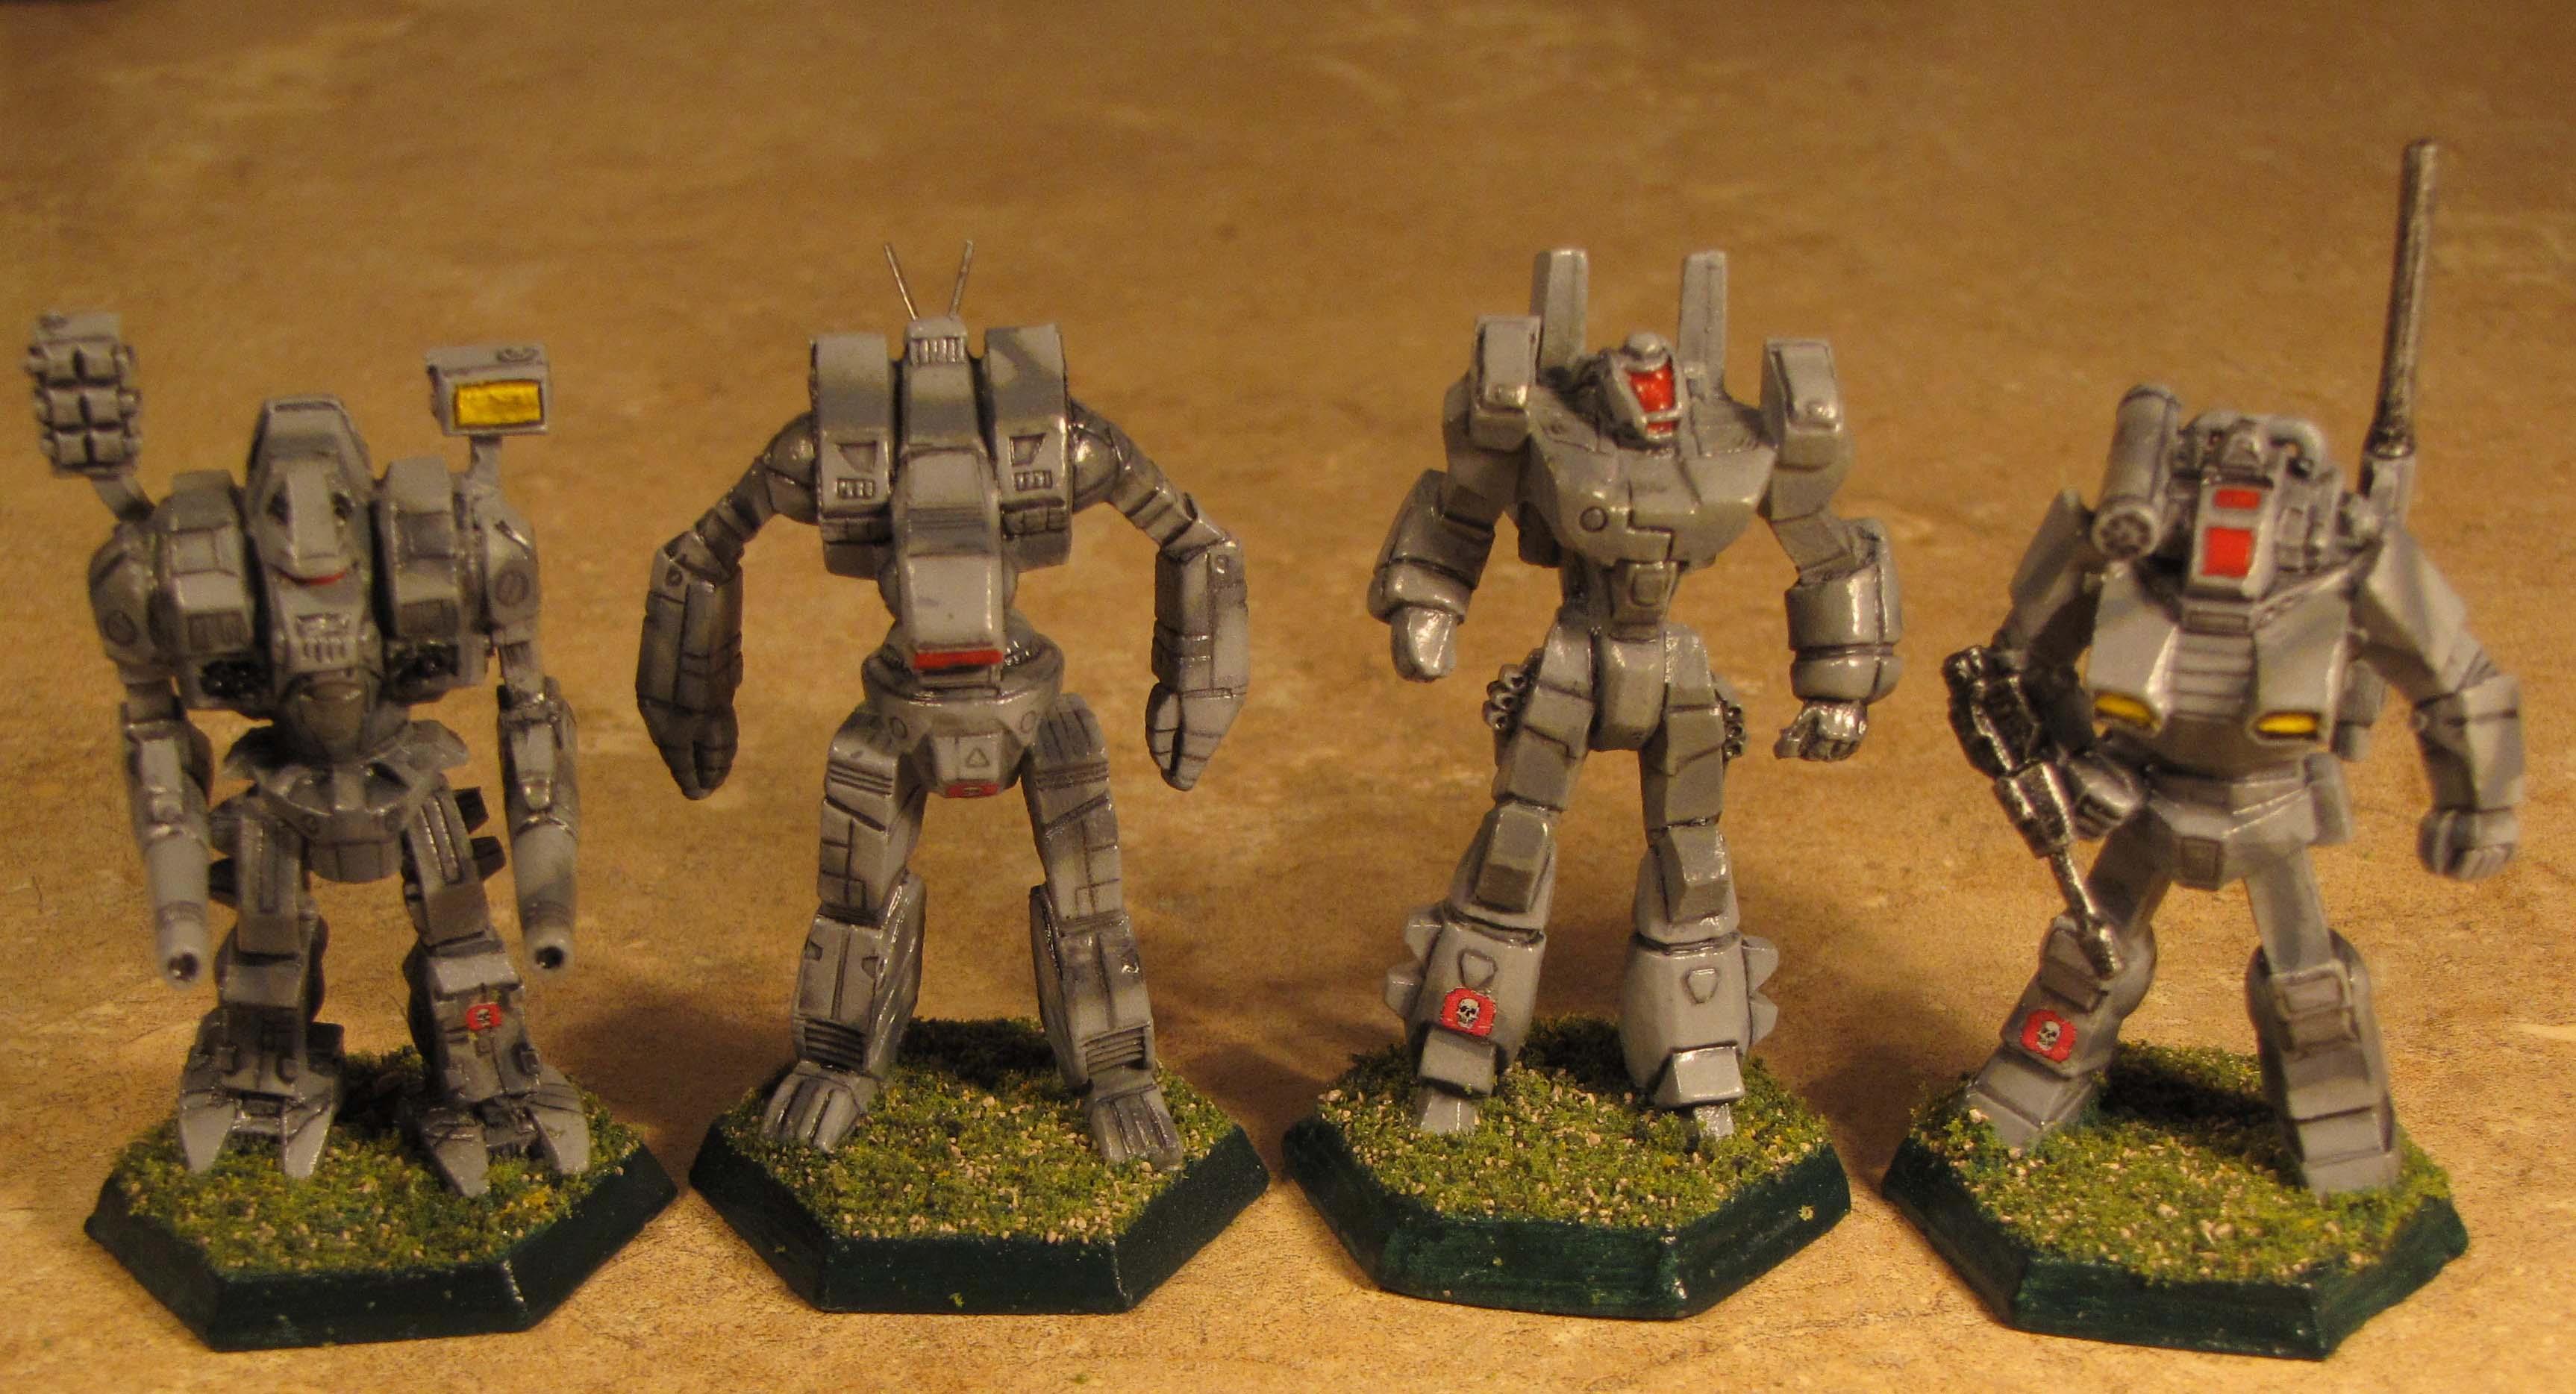 6mm, Battlemech, Battletech, Catalyst Game Labs, Fasa, Grey Death Legion, Iron Wind Metals, Mech, Mechwarrior, Mercenary, Ral Partha, Robotech, Science-fiction